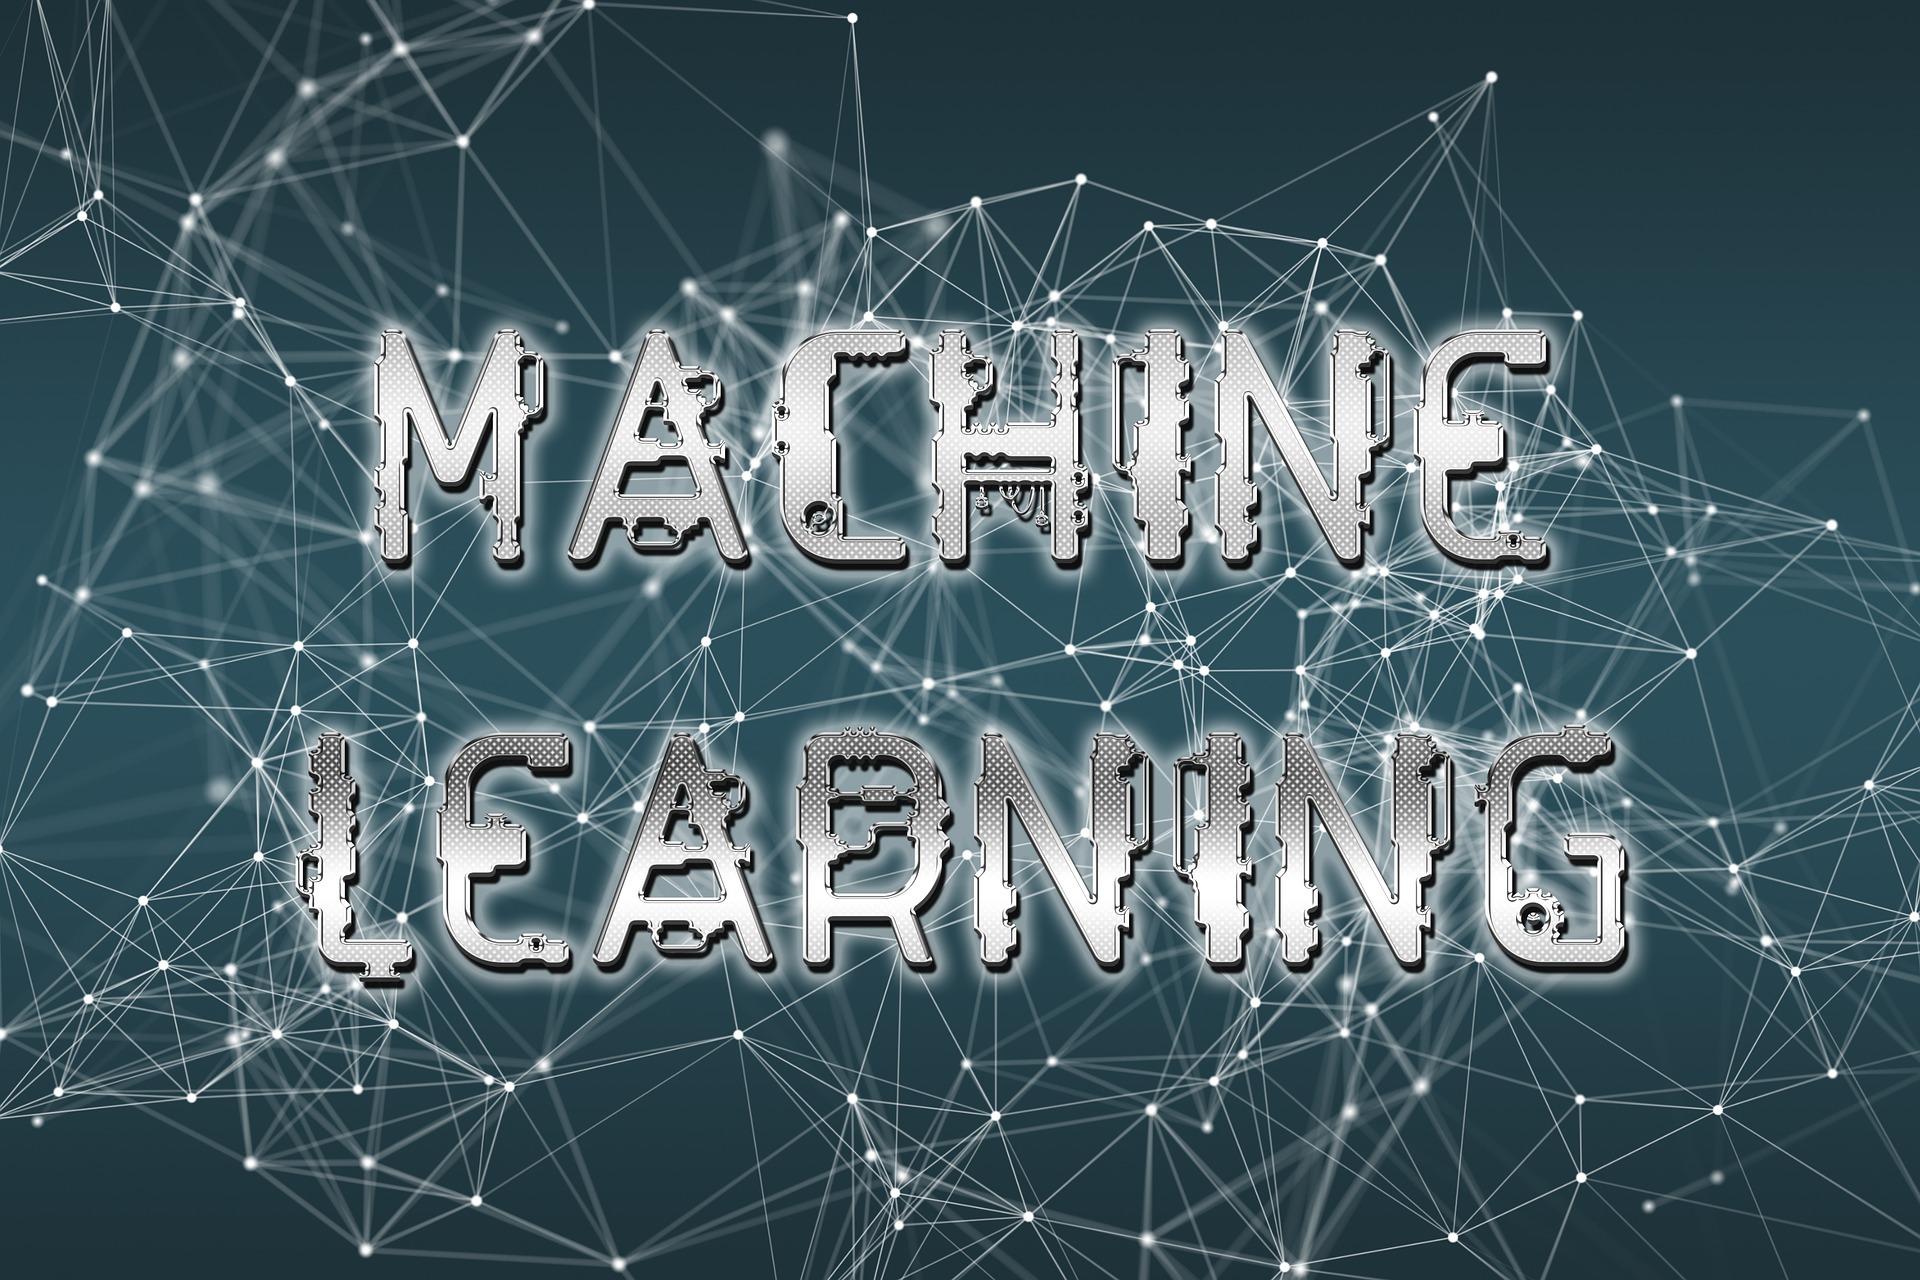 Seminario gratuito de Machine Learning con Ariel Thenon el 26 de mayo, organizado por la Comunidad de graduados